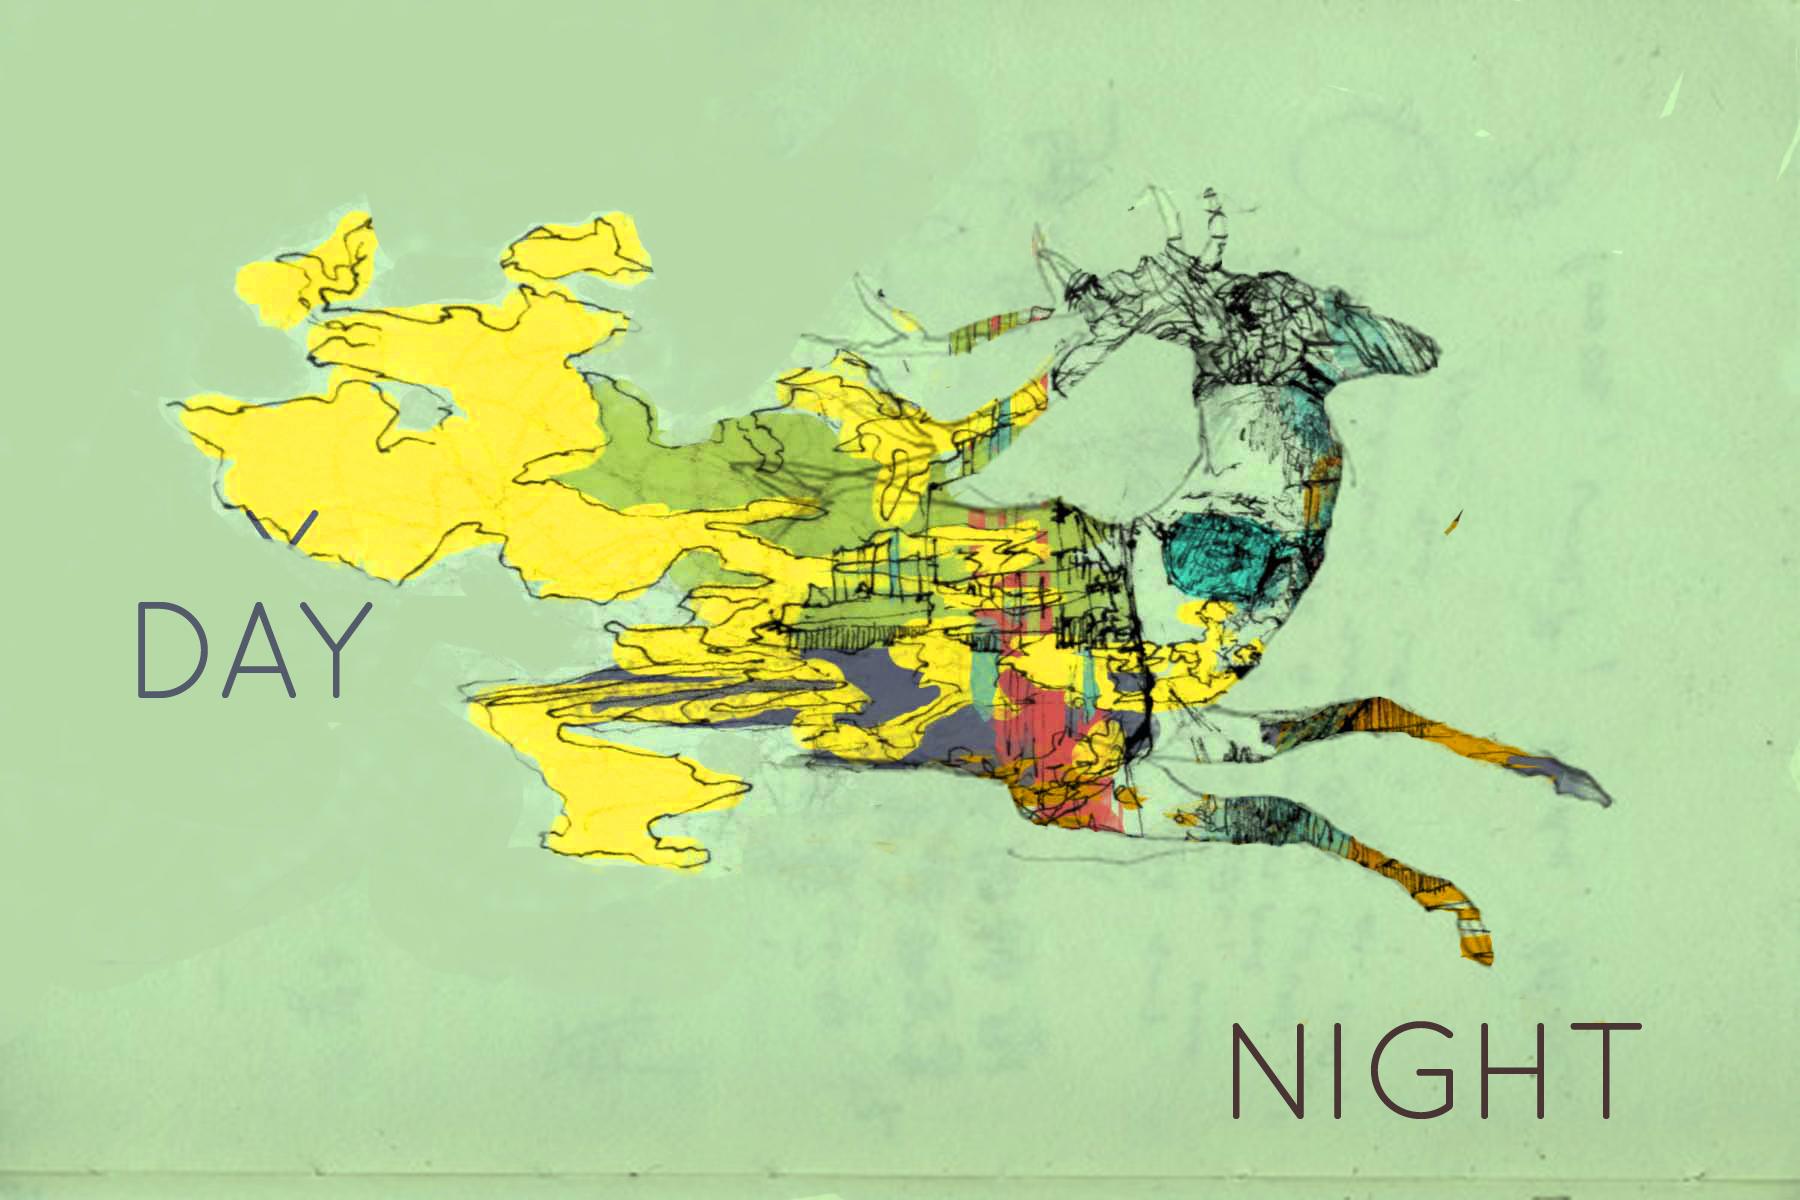 7-daynight-3.jpg